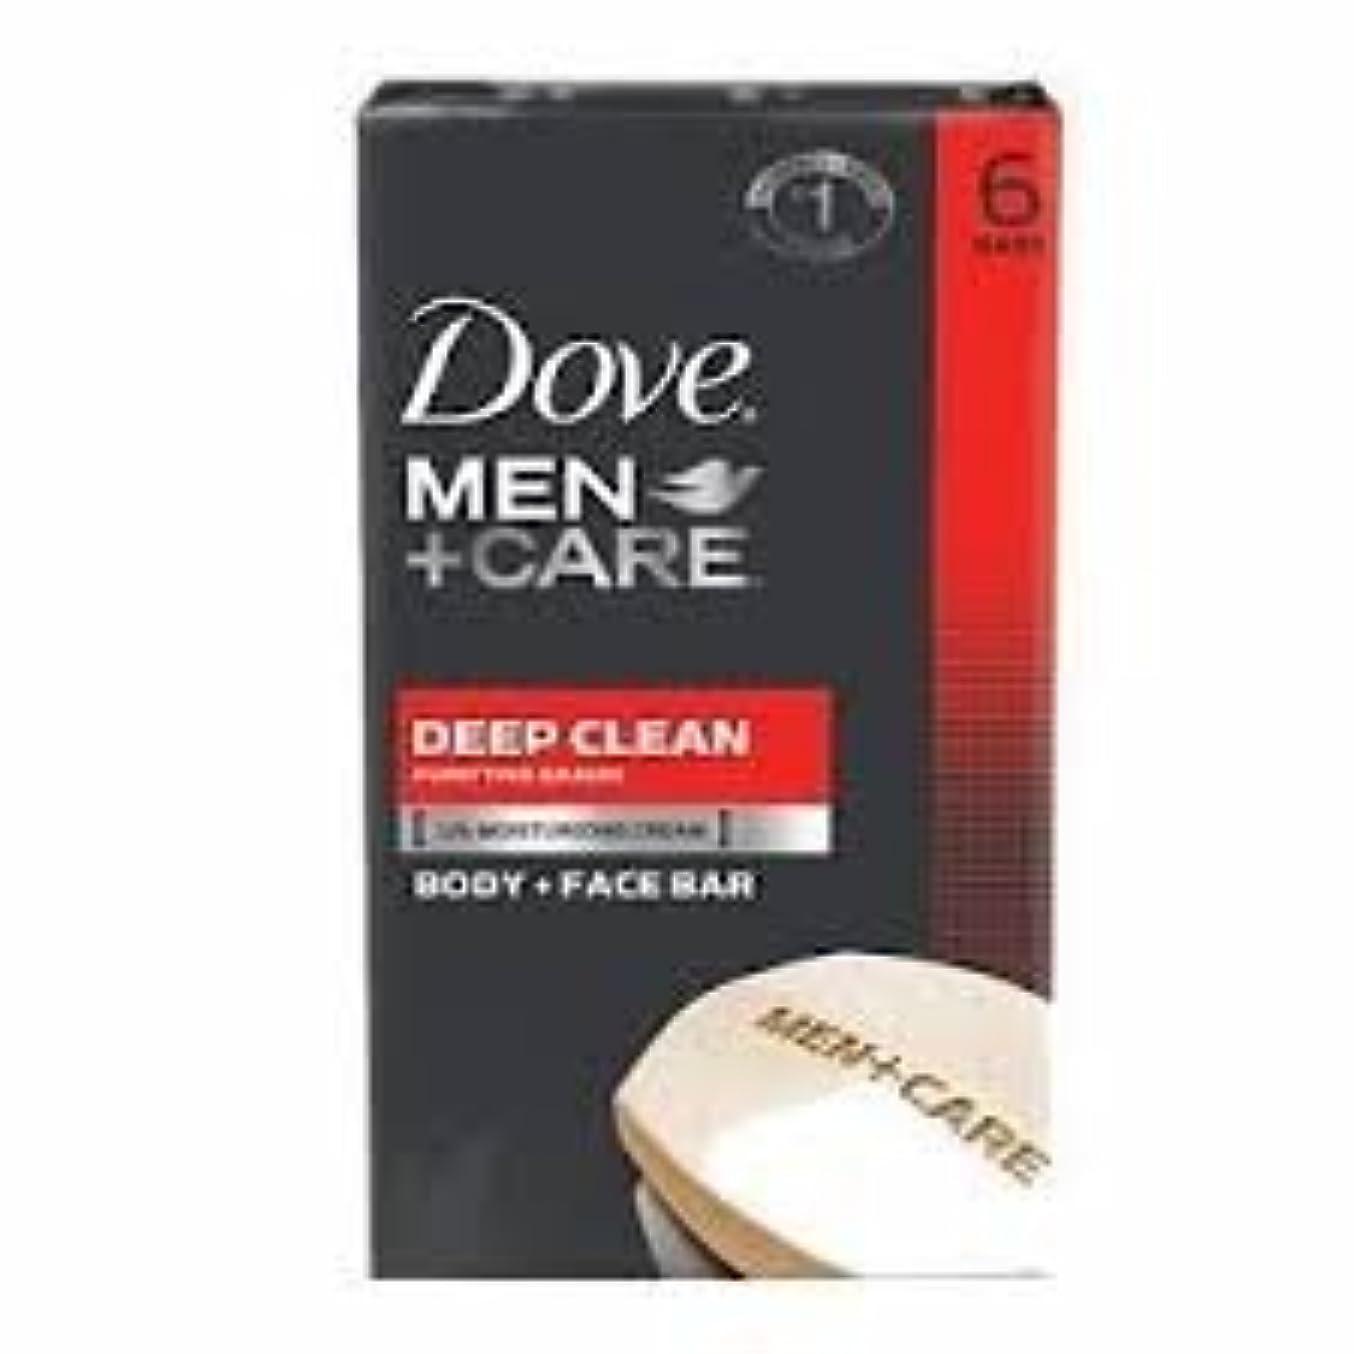 不条理心理学机Dove Men + Care Body and Face Bar, Deep Clean 4oz x 6Bars ダブ メン プラスケア ディープ クリーン ソープ 4oz x 6個